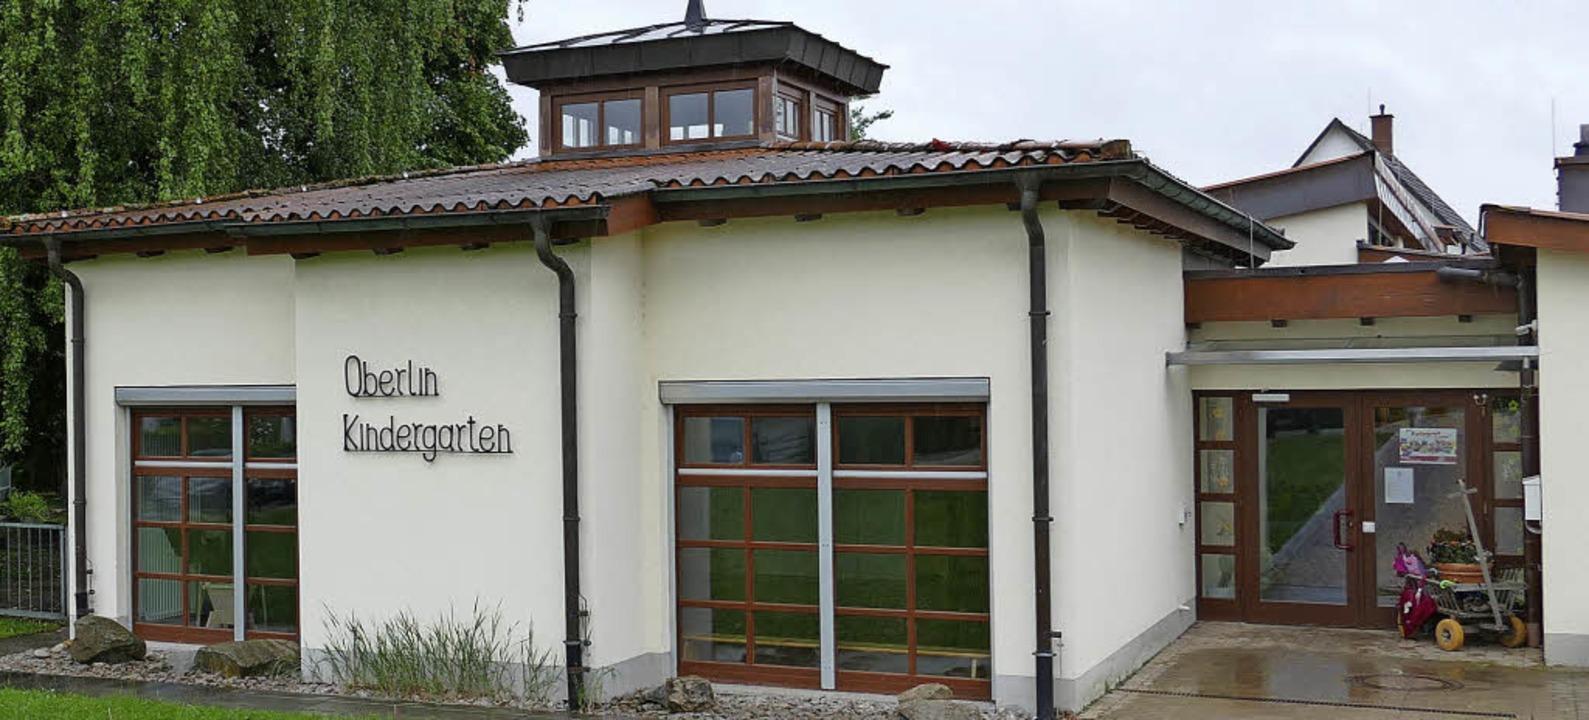 Gerüchte im Ort, wonach der Oberlin-Ki... dementierte Bürgermeister Schneucker.  | Foto: U. Senf